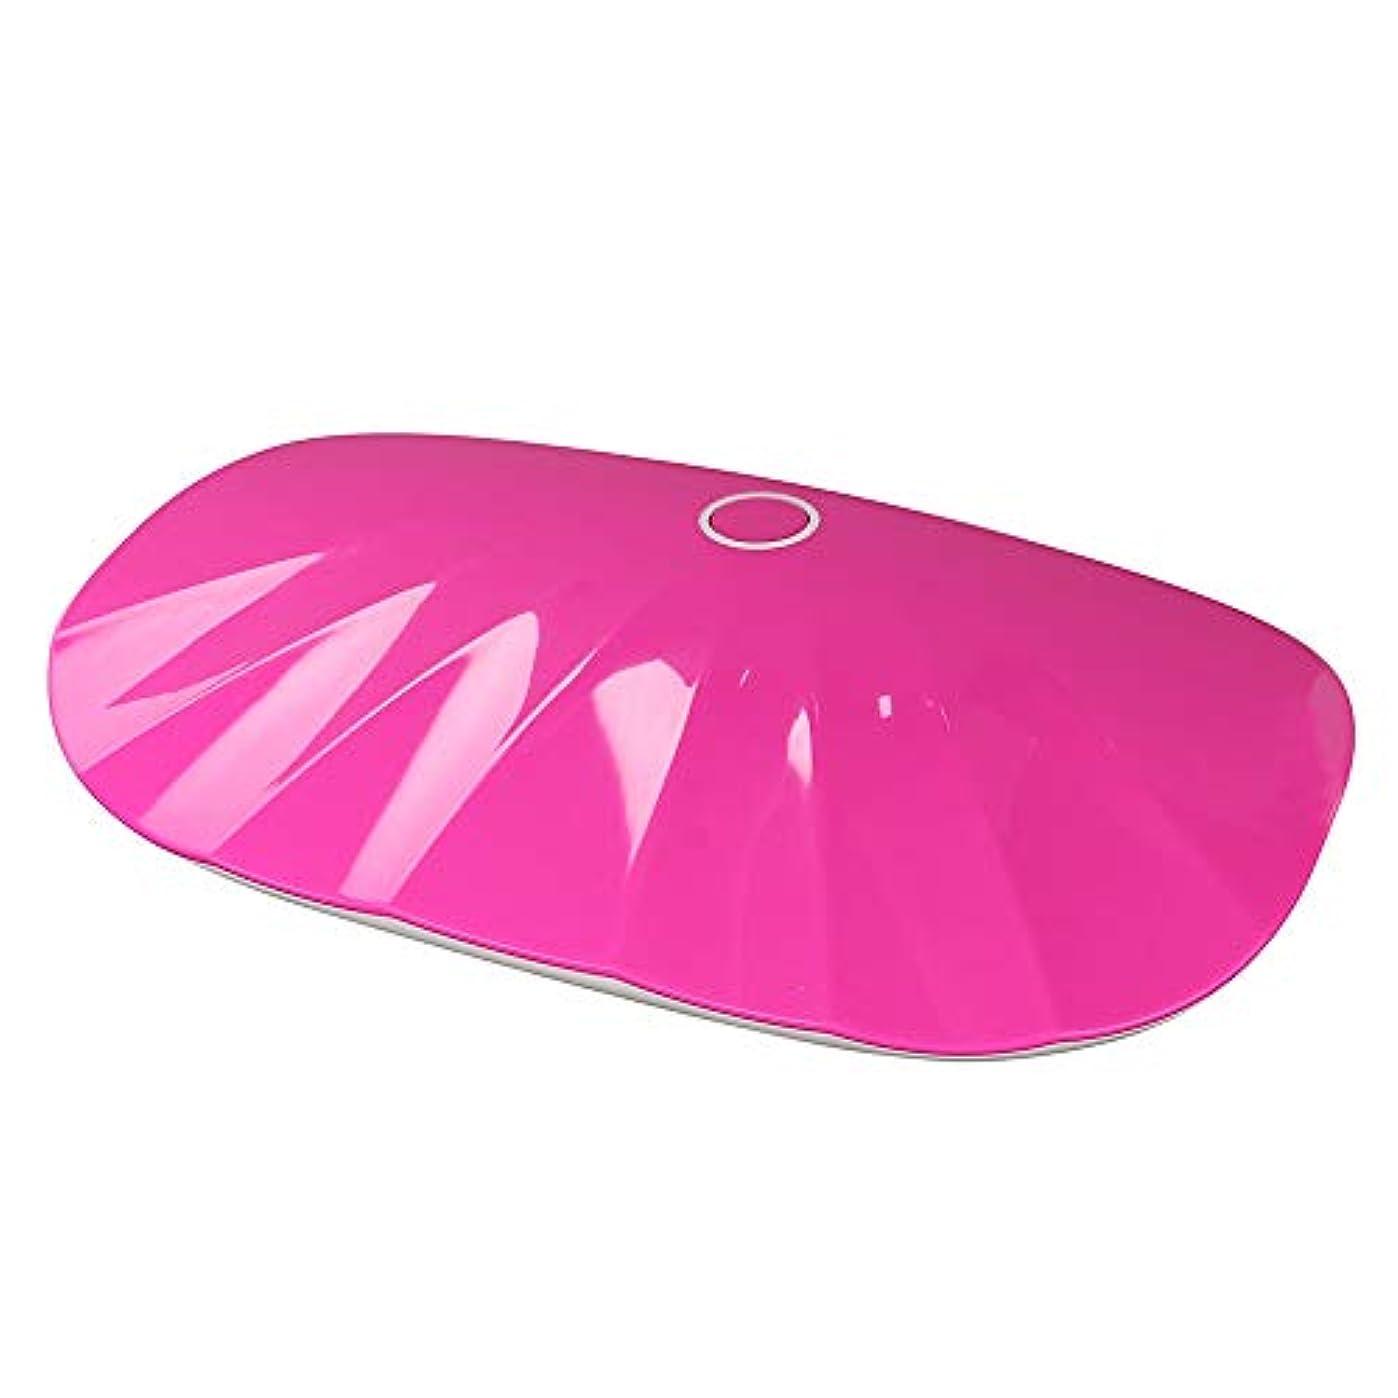 抜粋パーセント治世Jilebao ネイルライト 6W ハイパワー USBライン付き ミニ 可愛い ジェルネイル レジンクラフト コンパクト LEDライト UVライト ネイルドライヤー 自動検知モード 折りたたみ式 手足とも使える (マルチカラー)